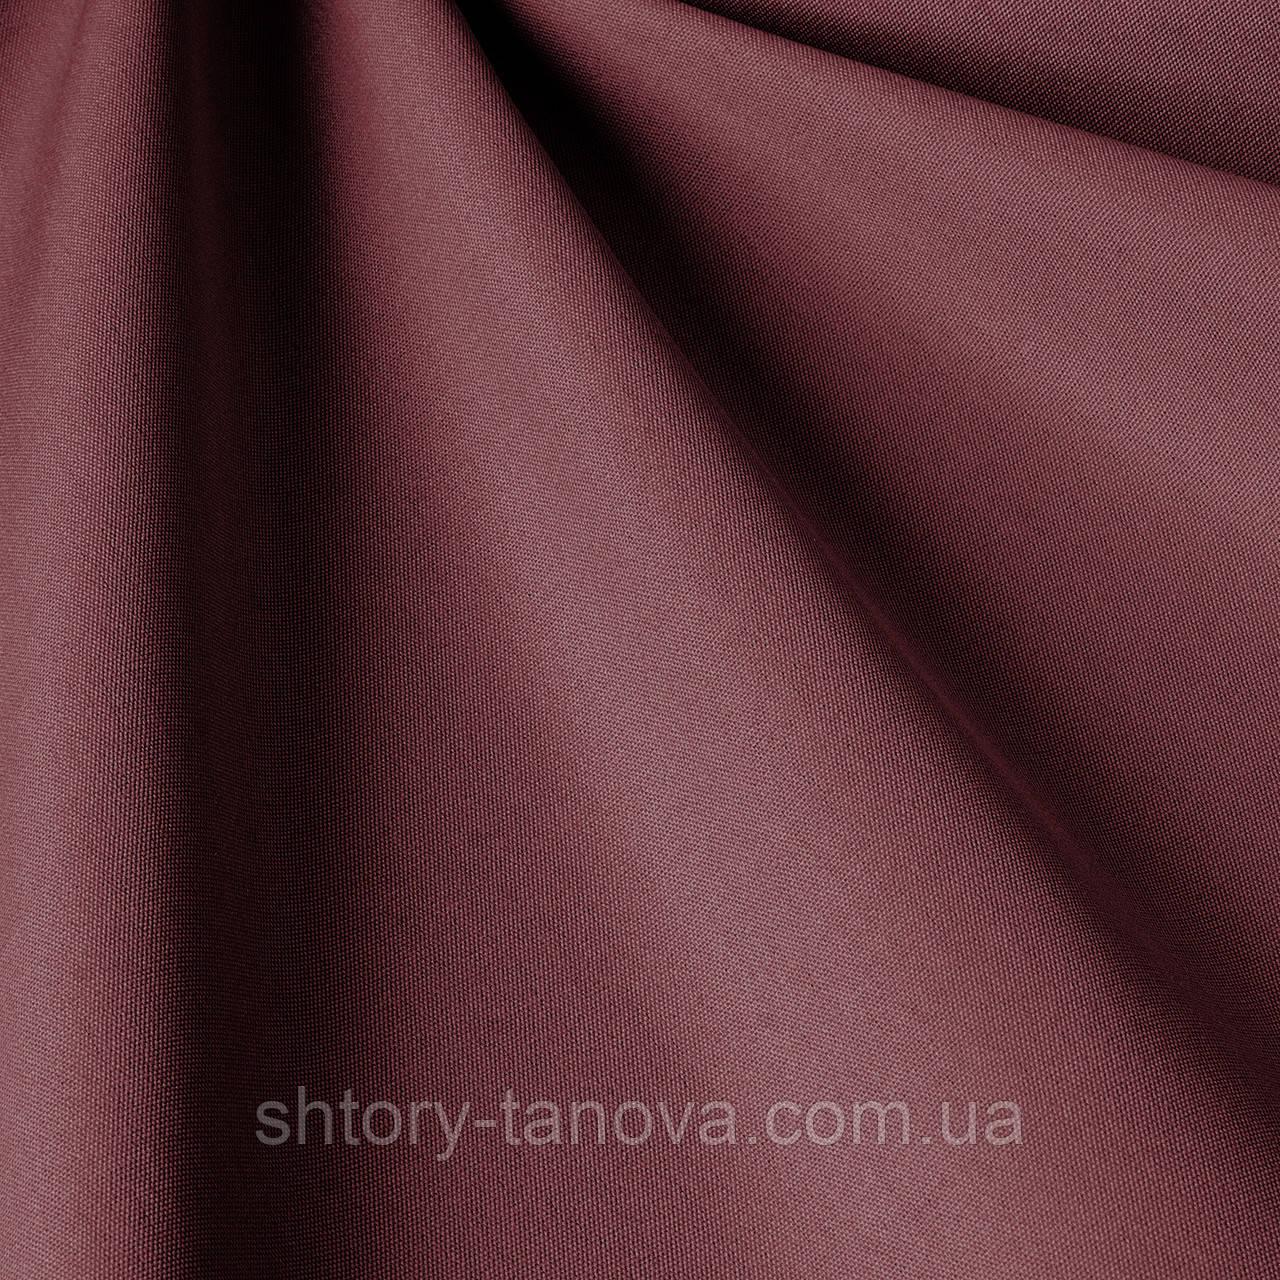 Однотонна вулична тканина темно-фіолетового кольору